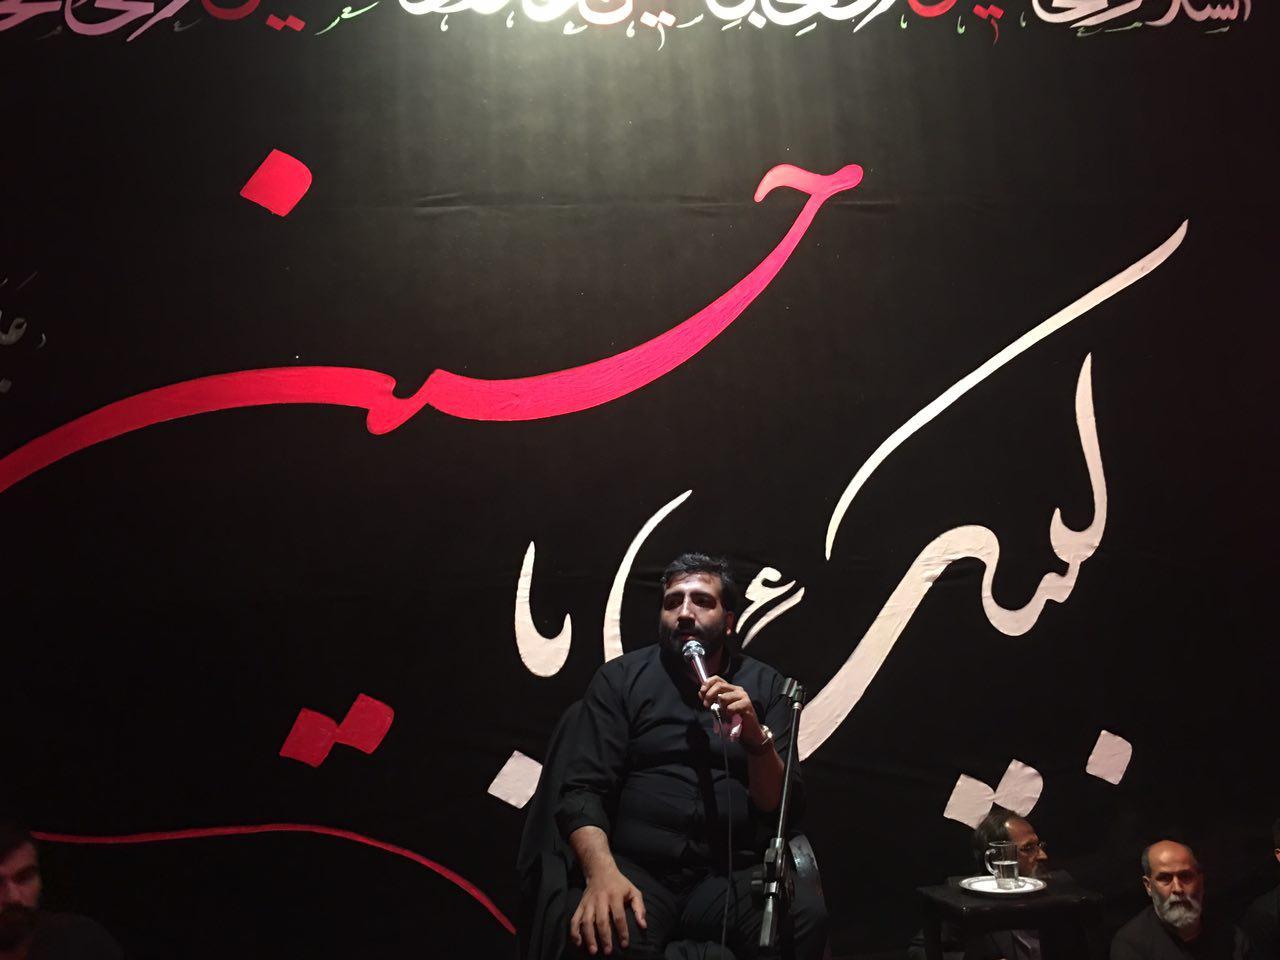 حاج مهدی مختاری شب 13 محرم 1395 حسینیه ی سیستانی های گرگان